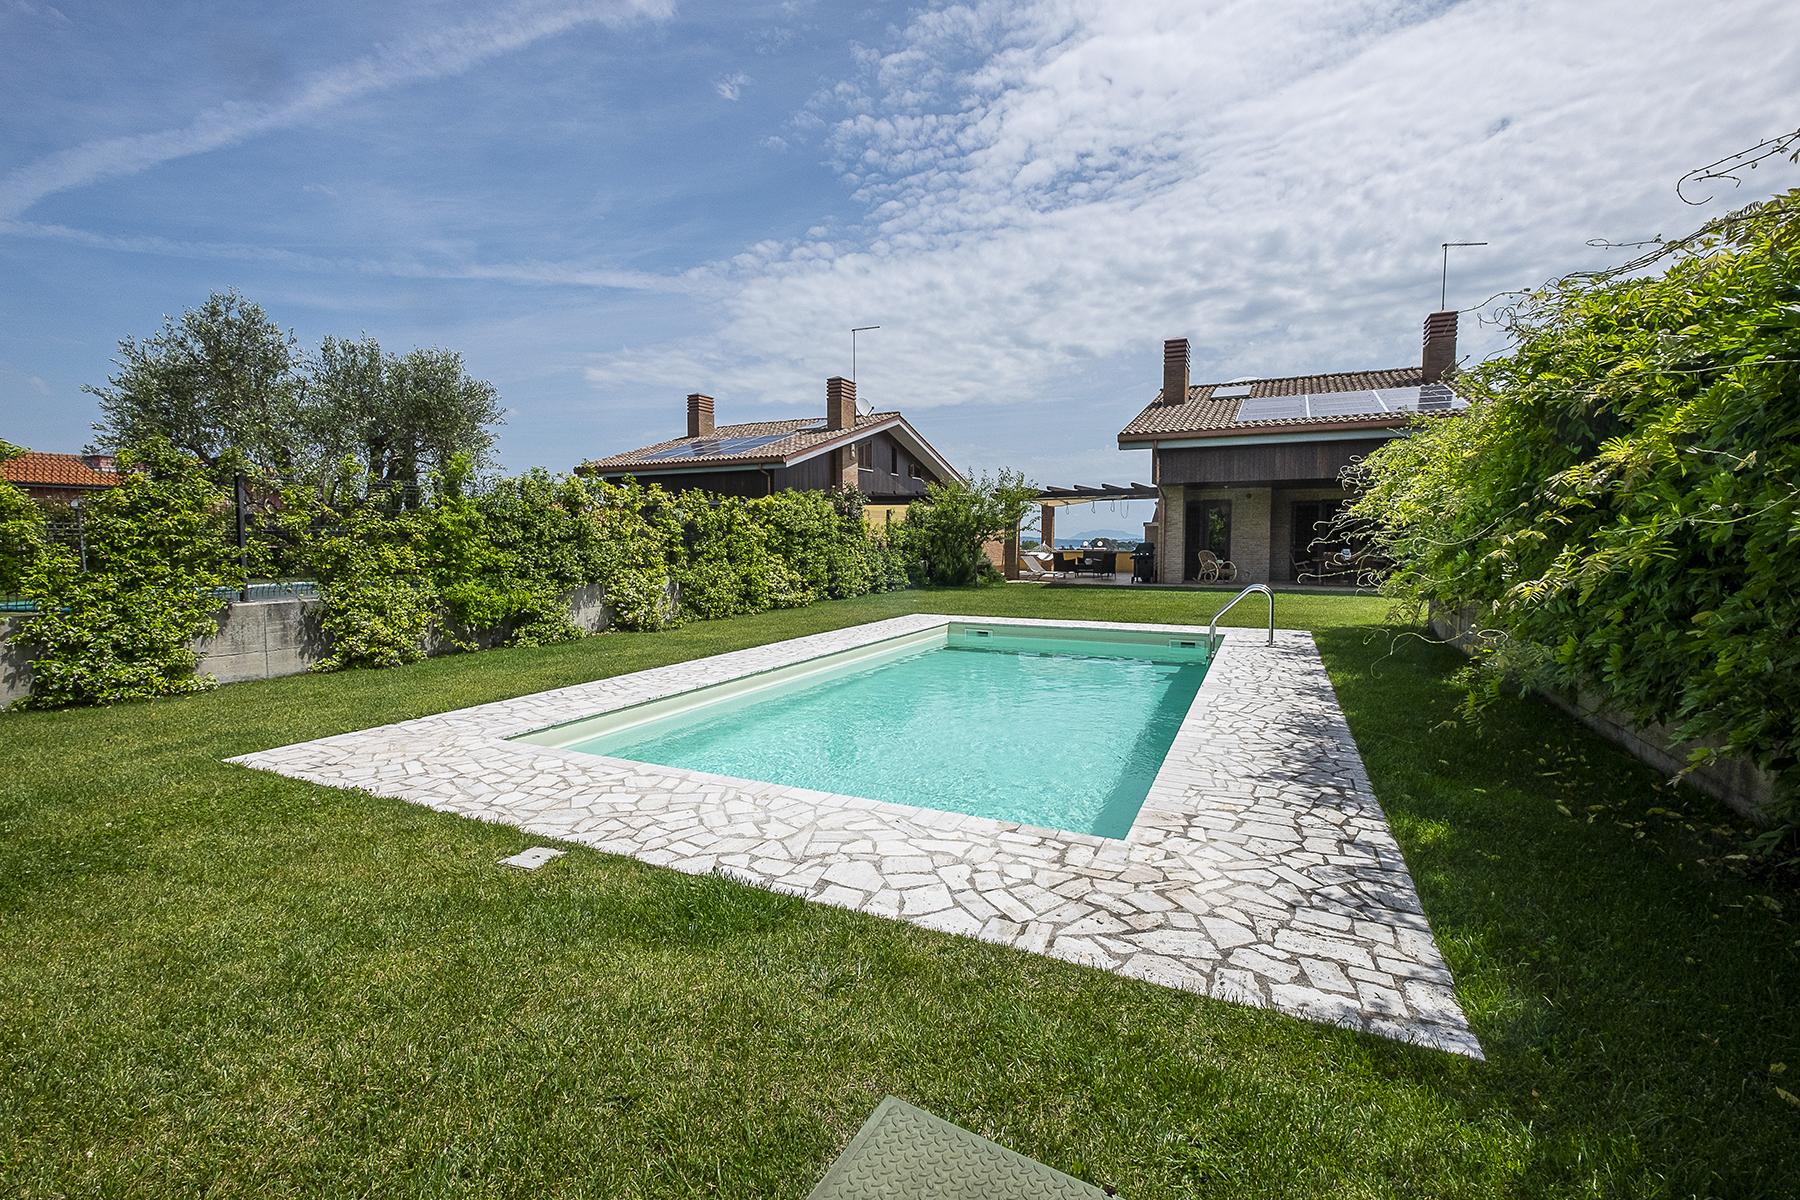 Villa in Vendita a Bracciano: 5 locali, 215 mq